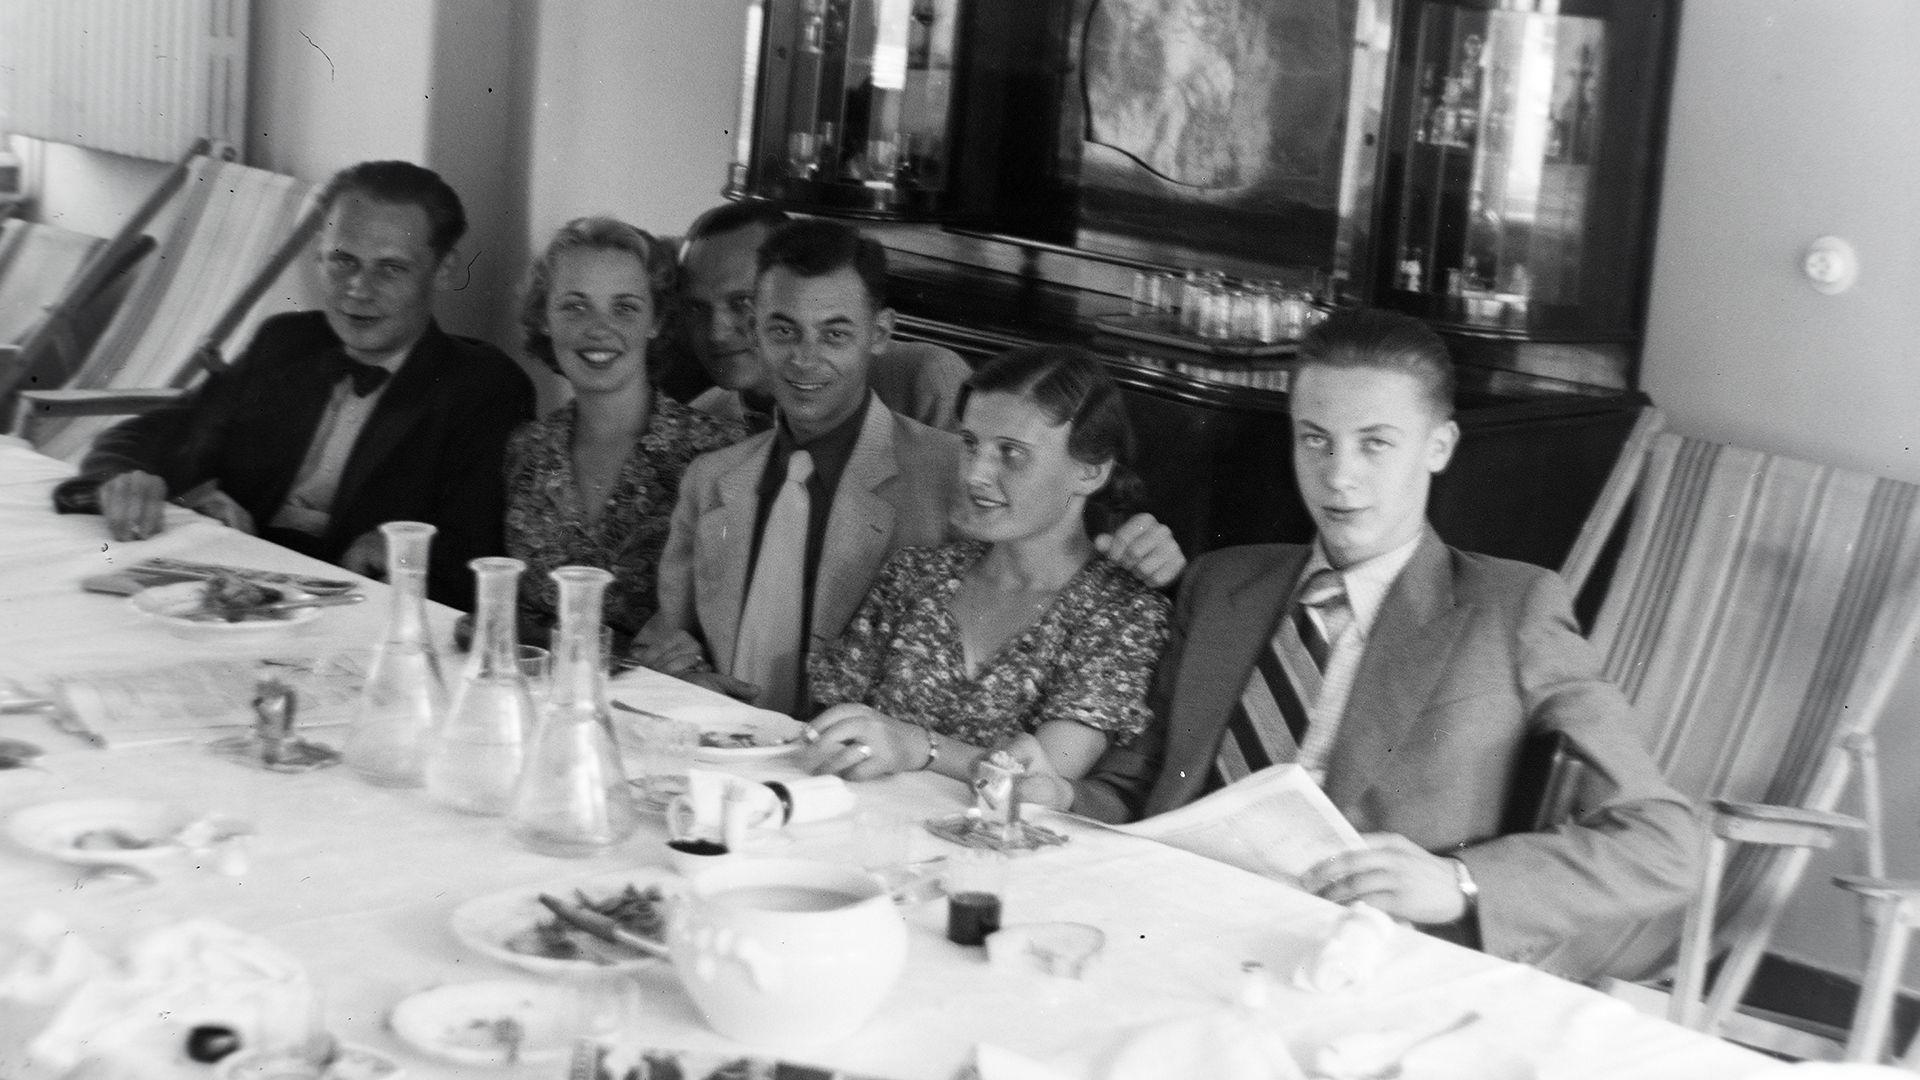 családi ebéd, régi családi ebéd, fekete fehér